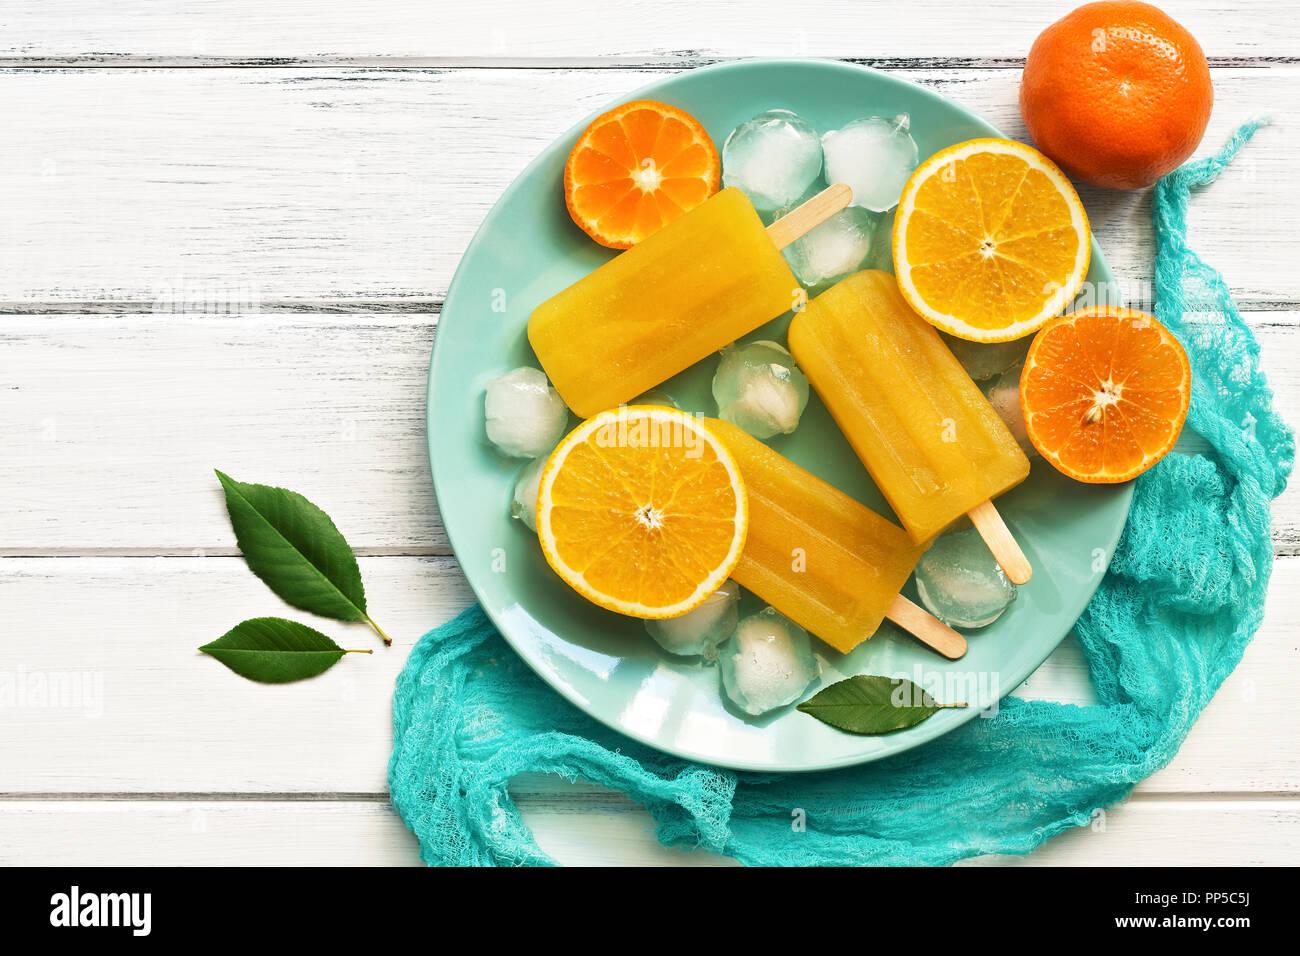 Arancio mandarino popsicles nella piastra blu con cubetti di ghiaccio e fette di frutta, di legno bianco sfondo rustico. Vista superiore, spazio di copia Immagini Stock